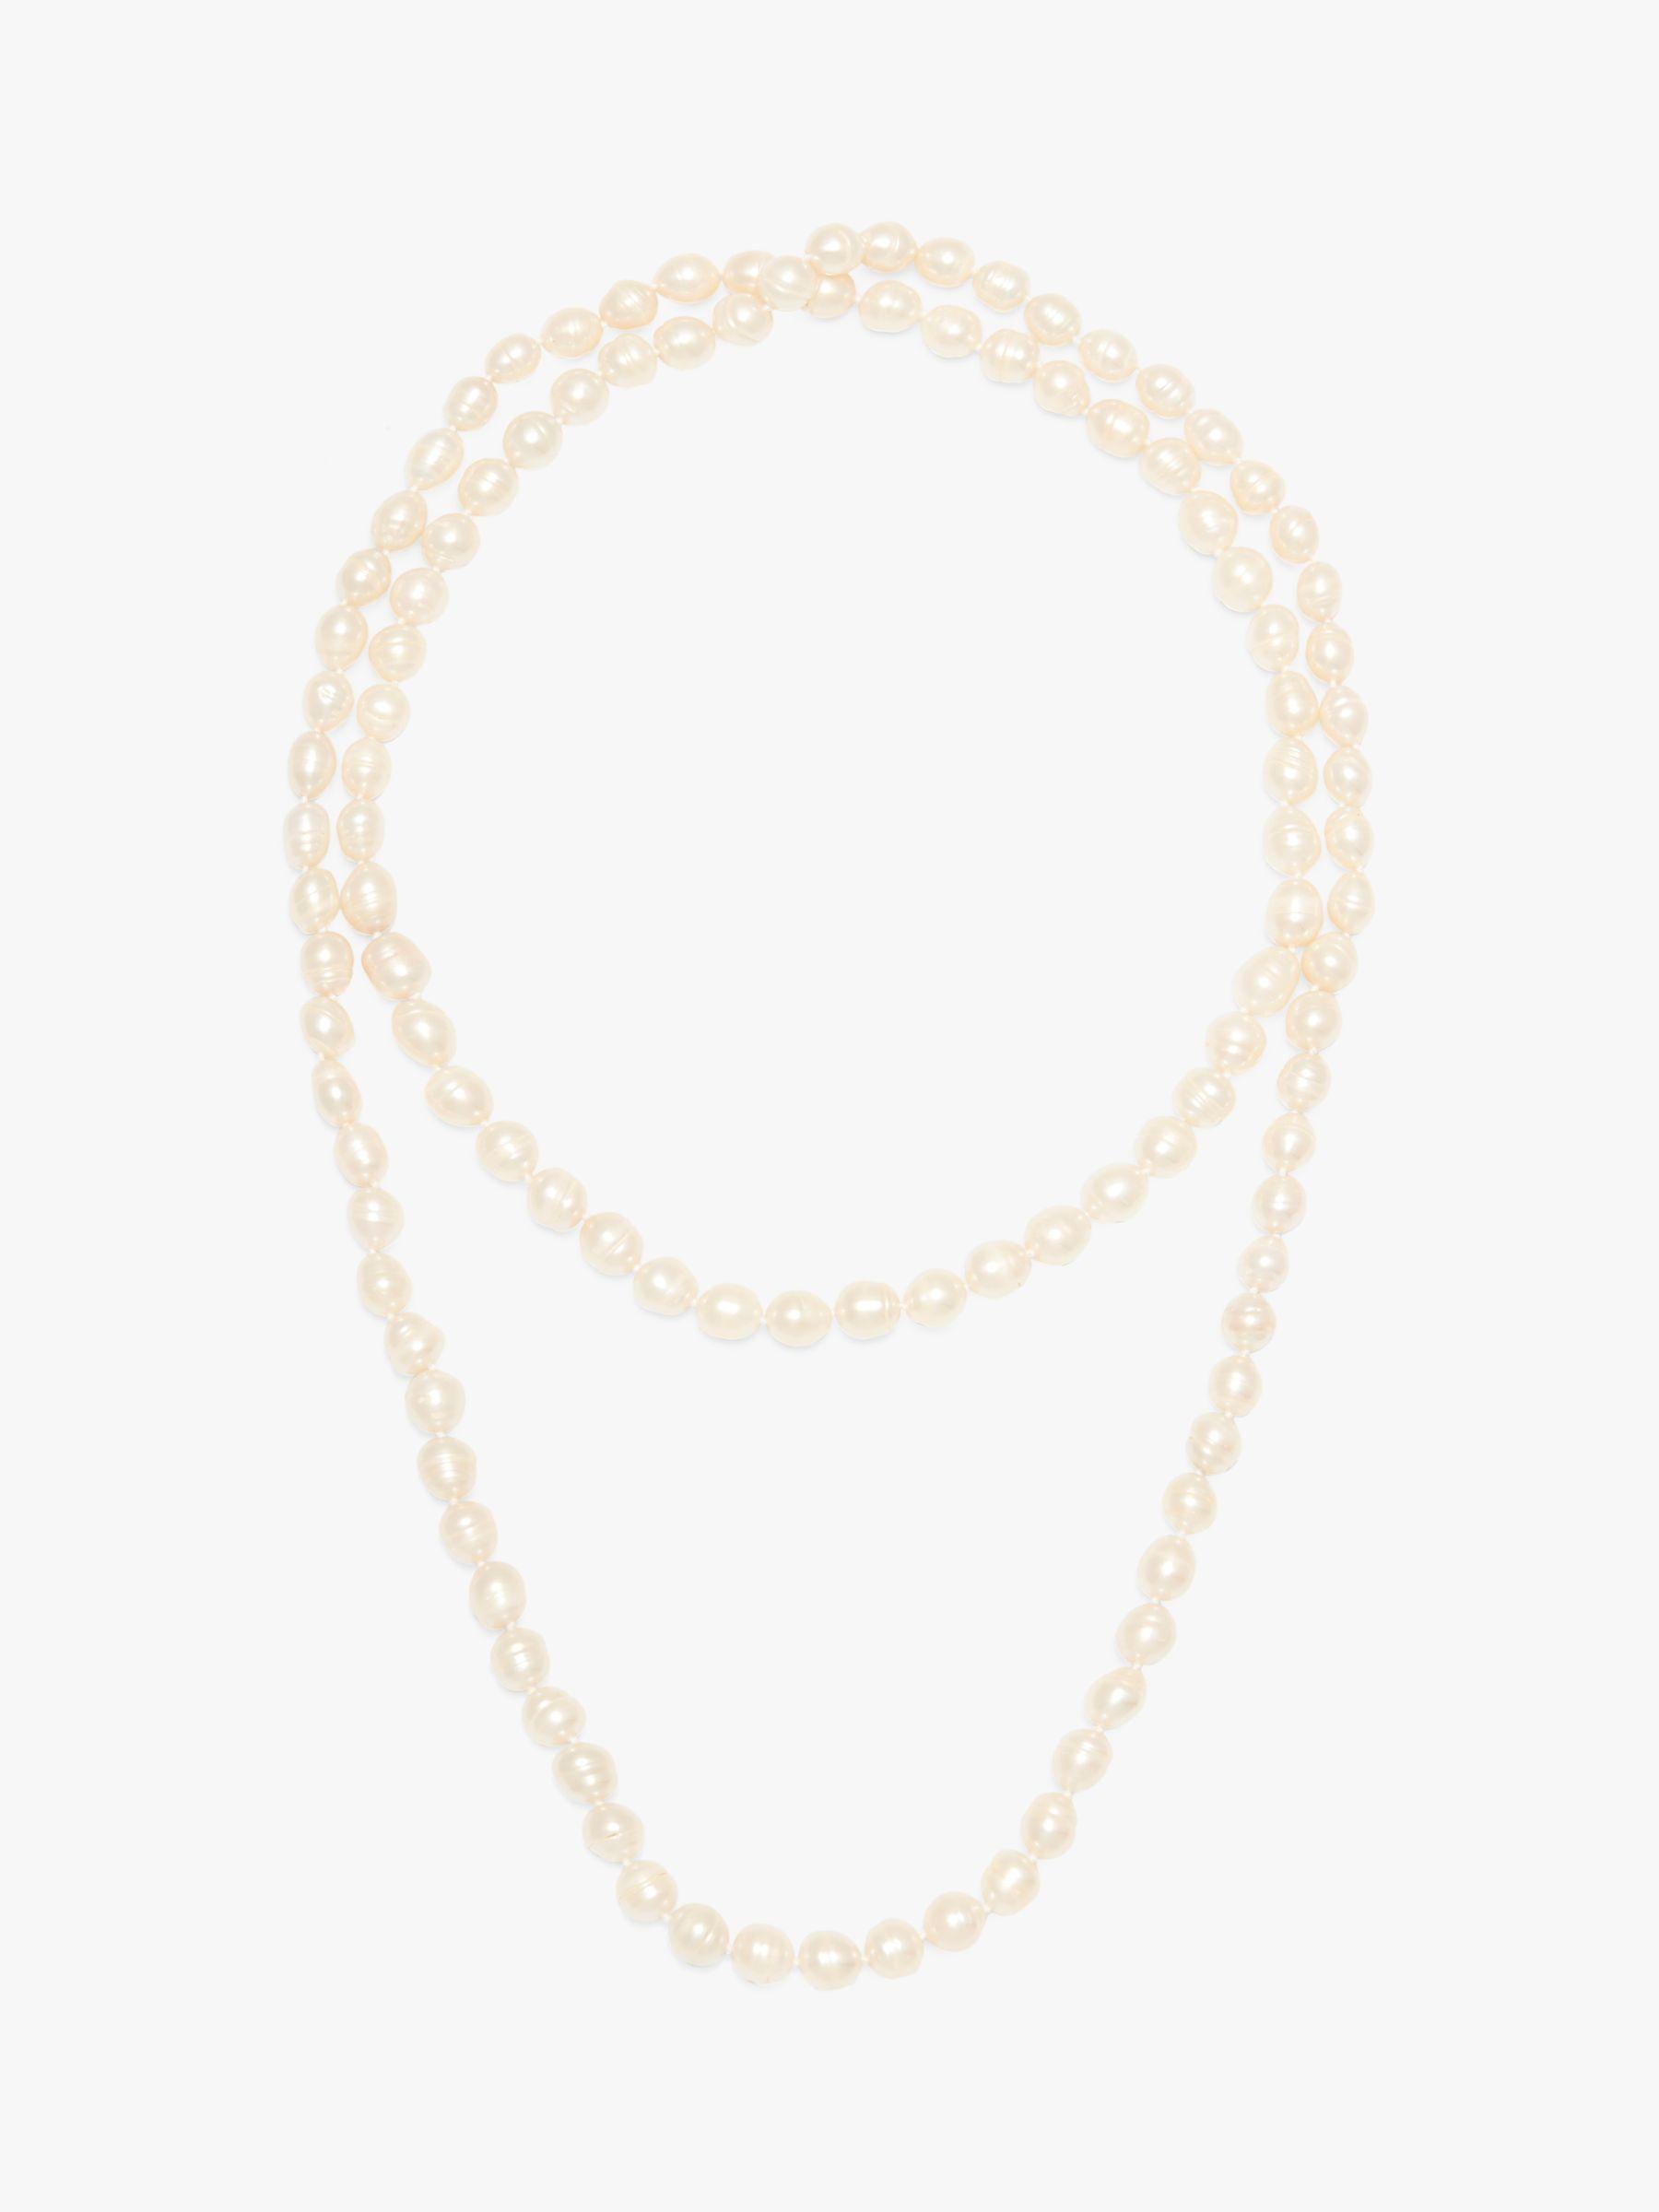 A B Davis A B Davis Opera Length Freshwater Pearl Necklace, White